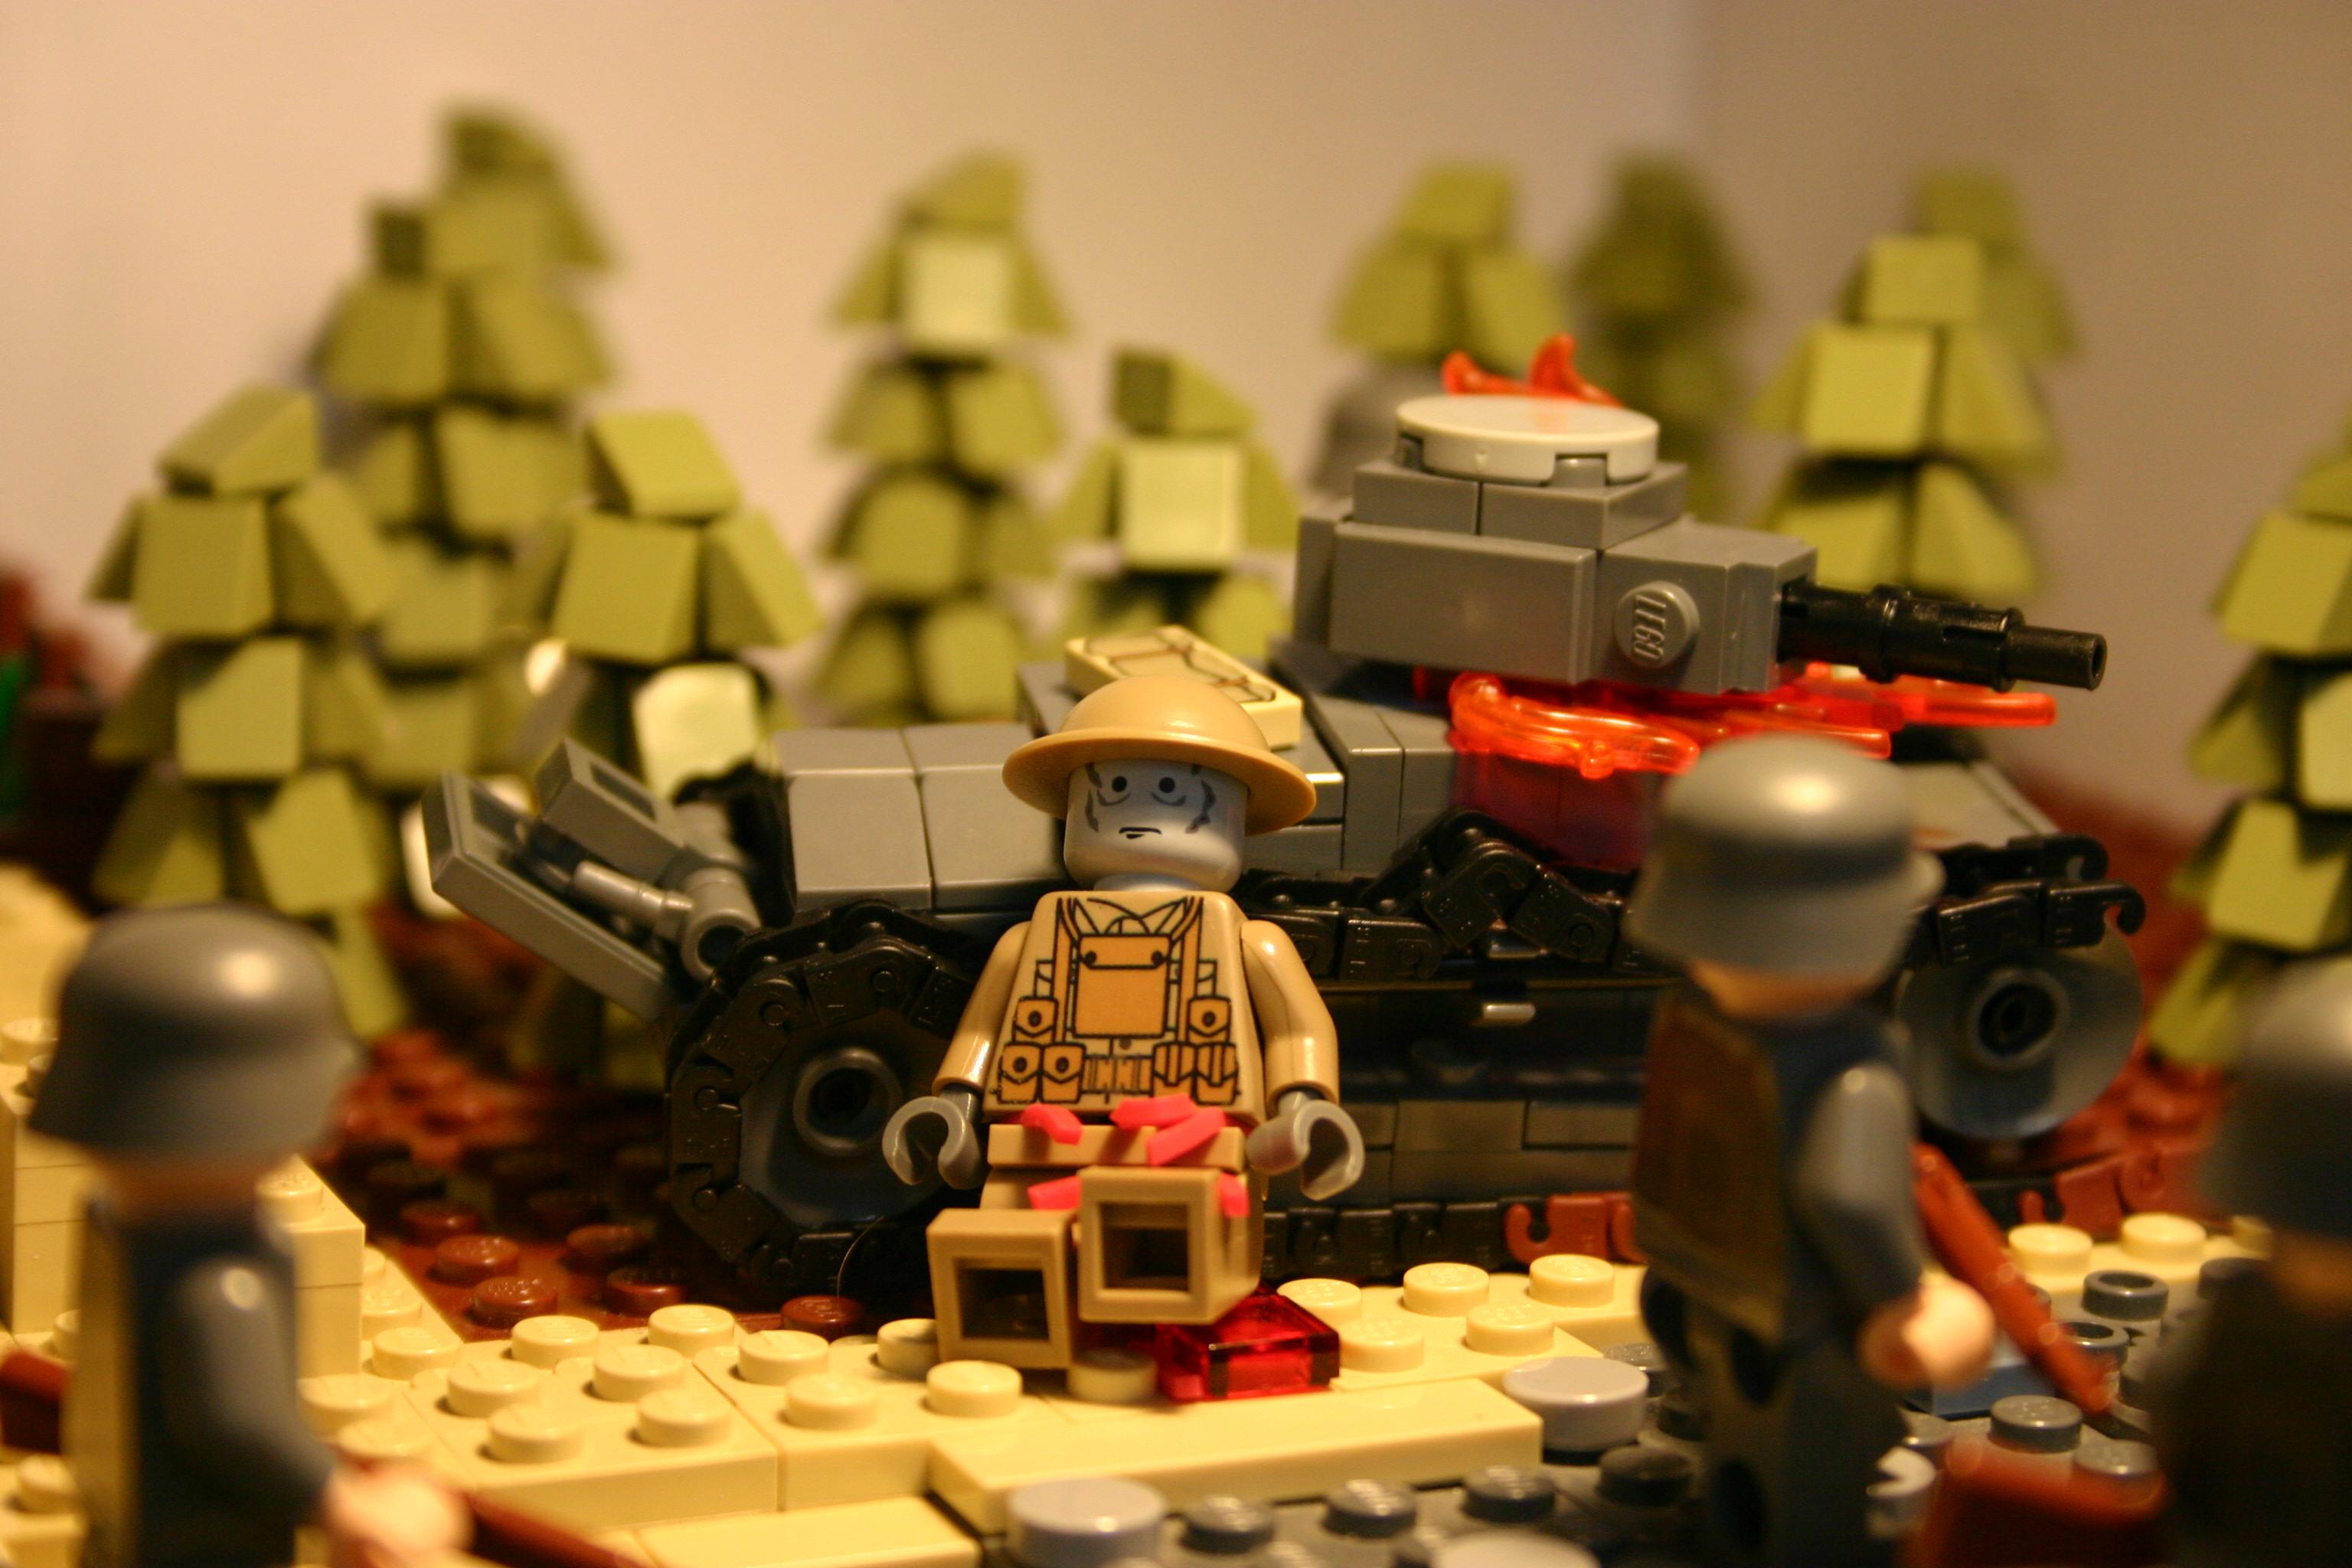 Wallpaper : tank, LEGO, Toy, British, Renault, Google